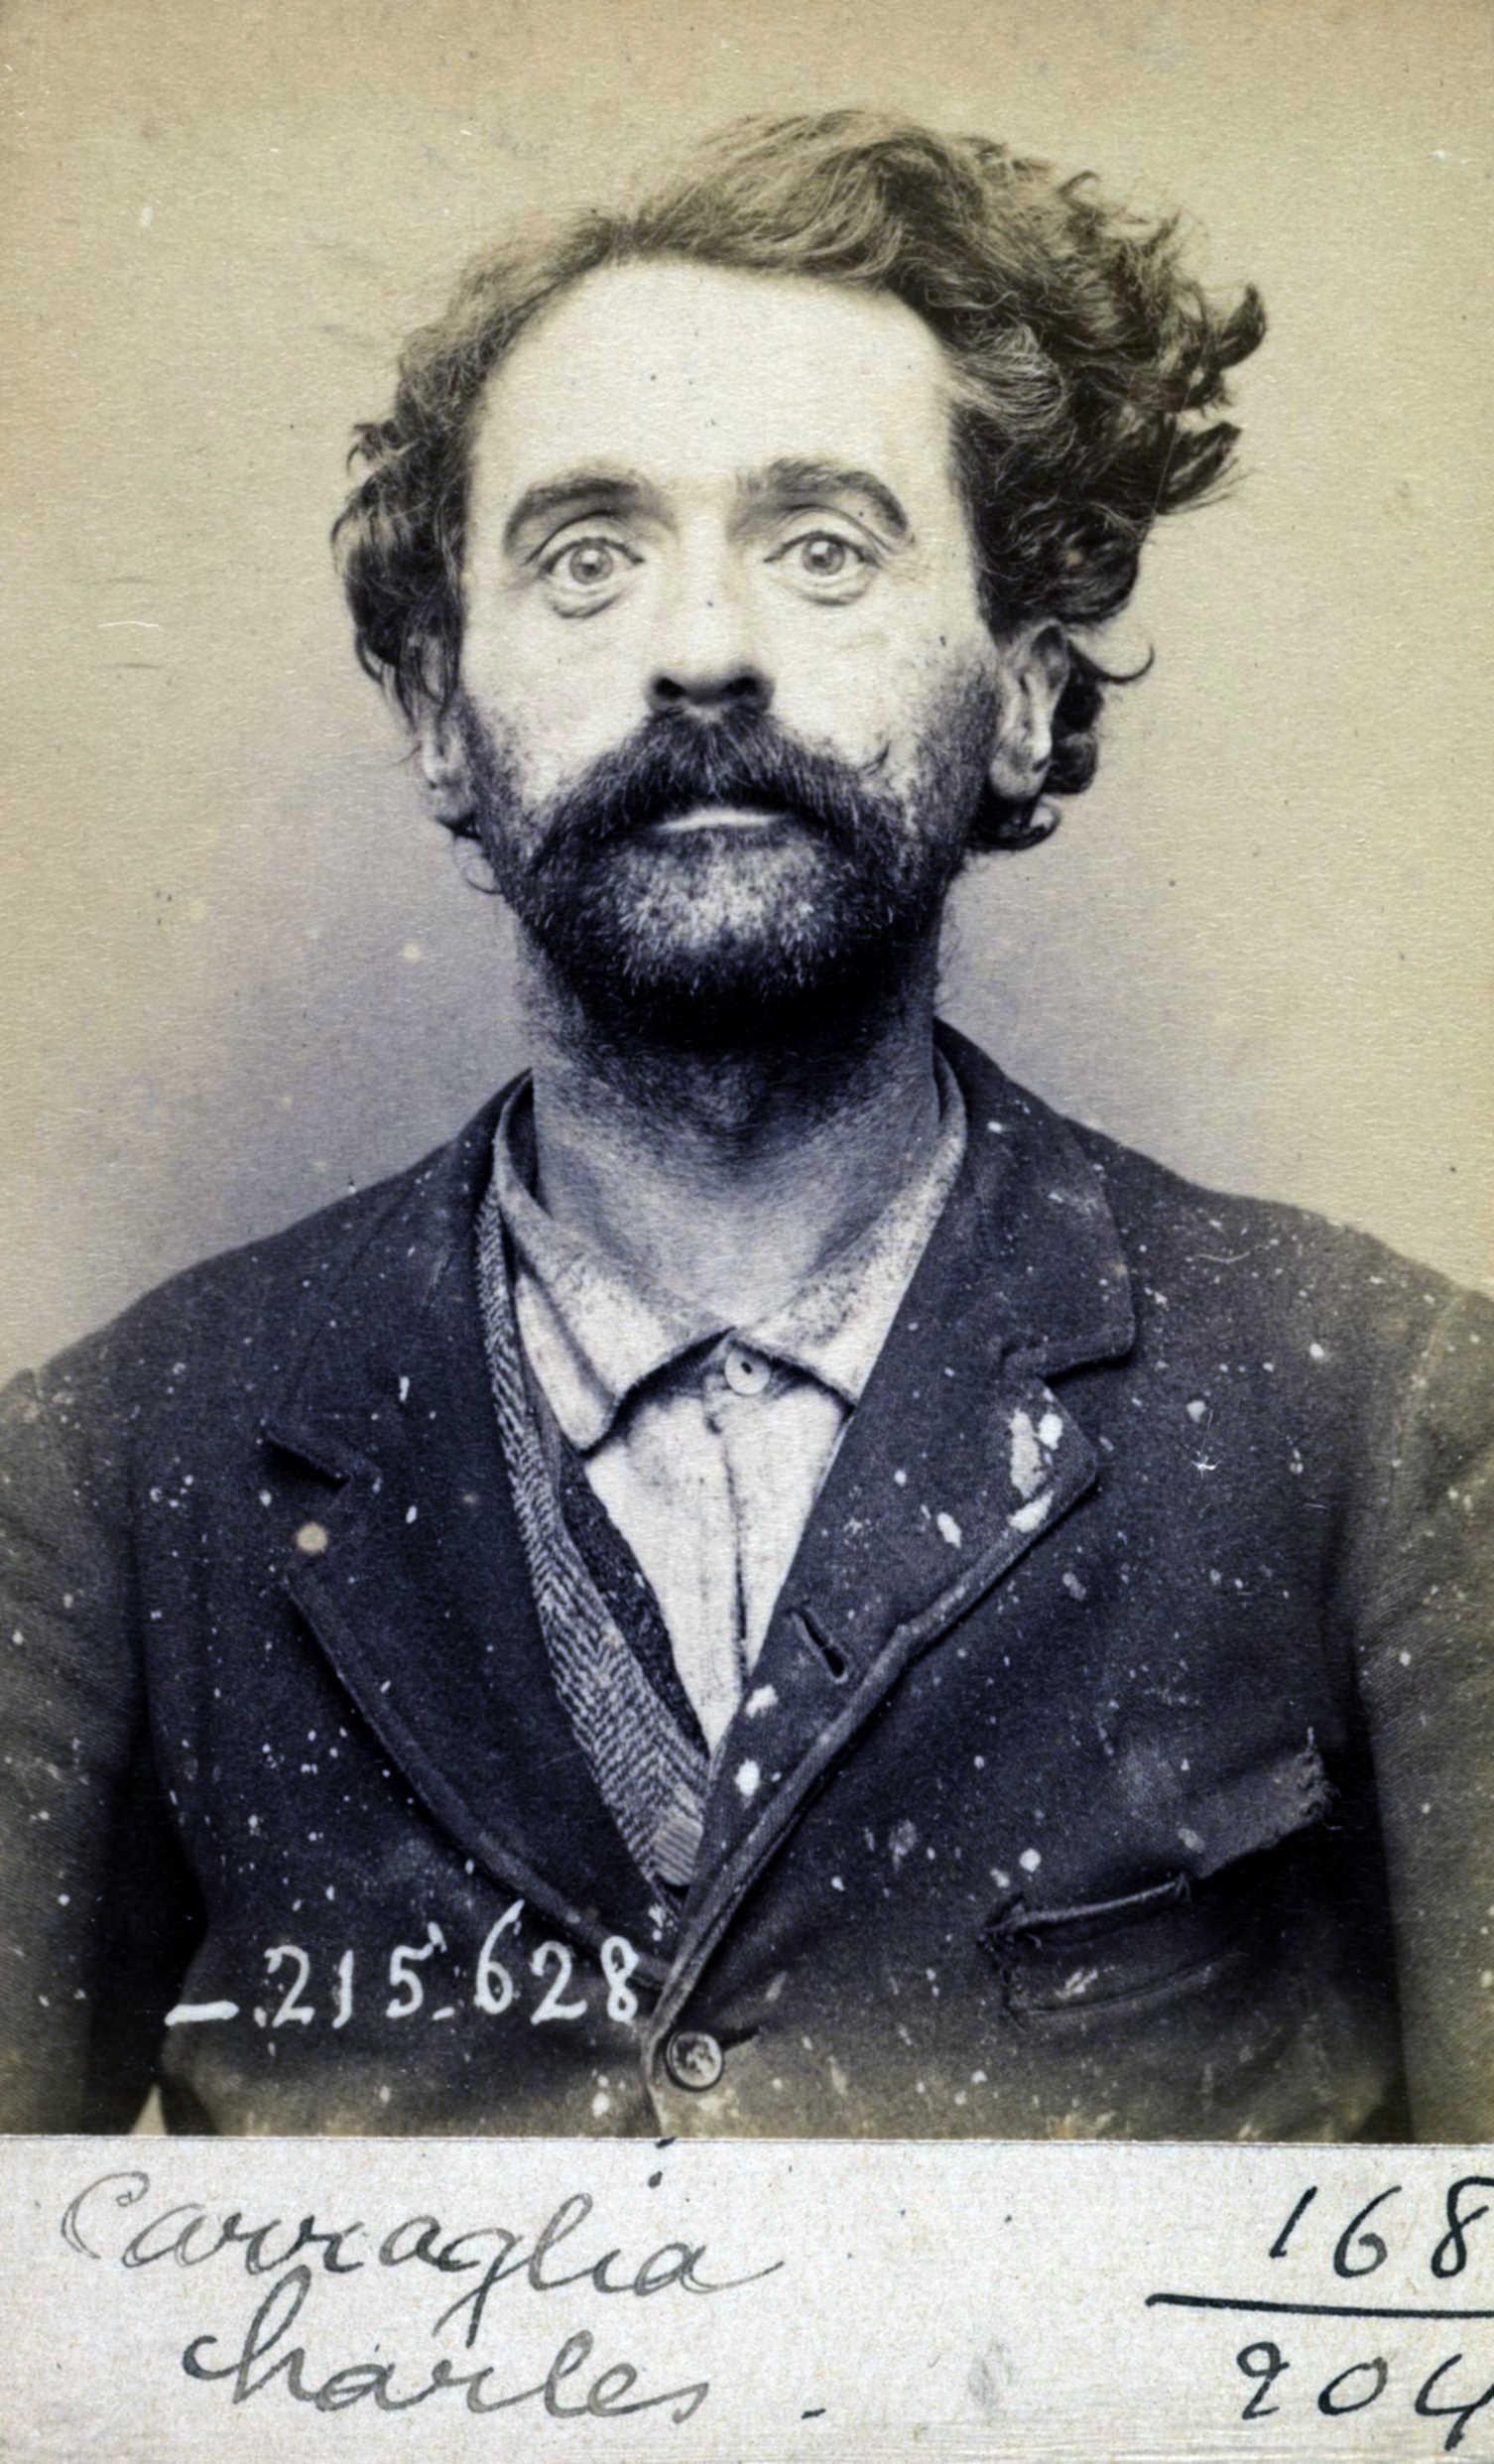 Foto policíaca de Carlo Carraglia (13 de març de 1894)